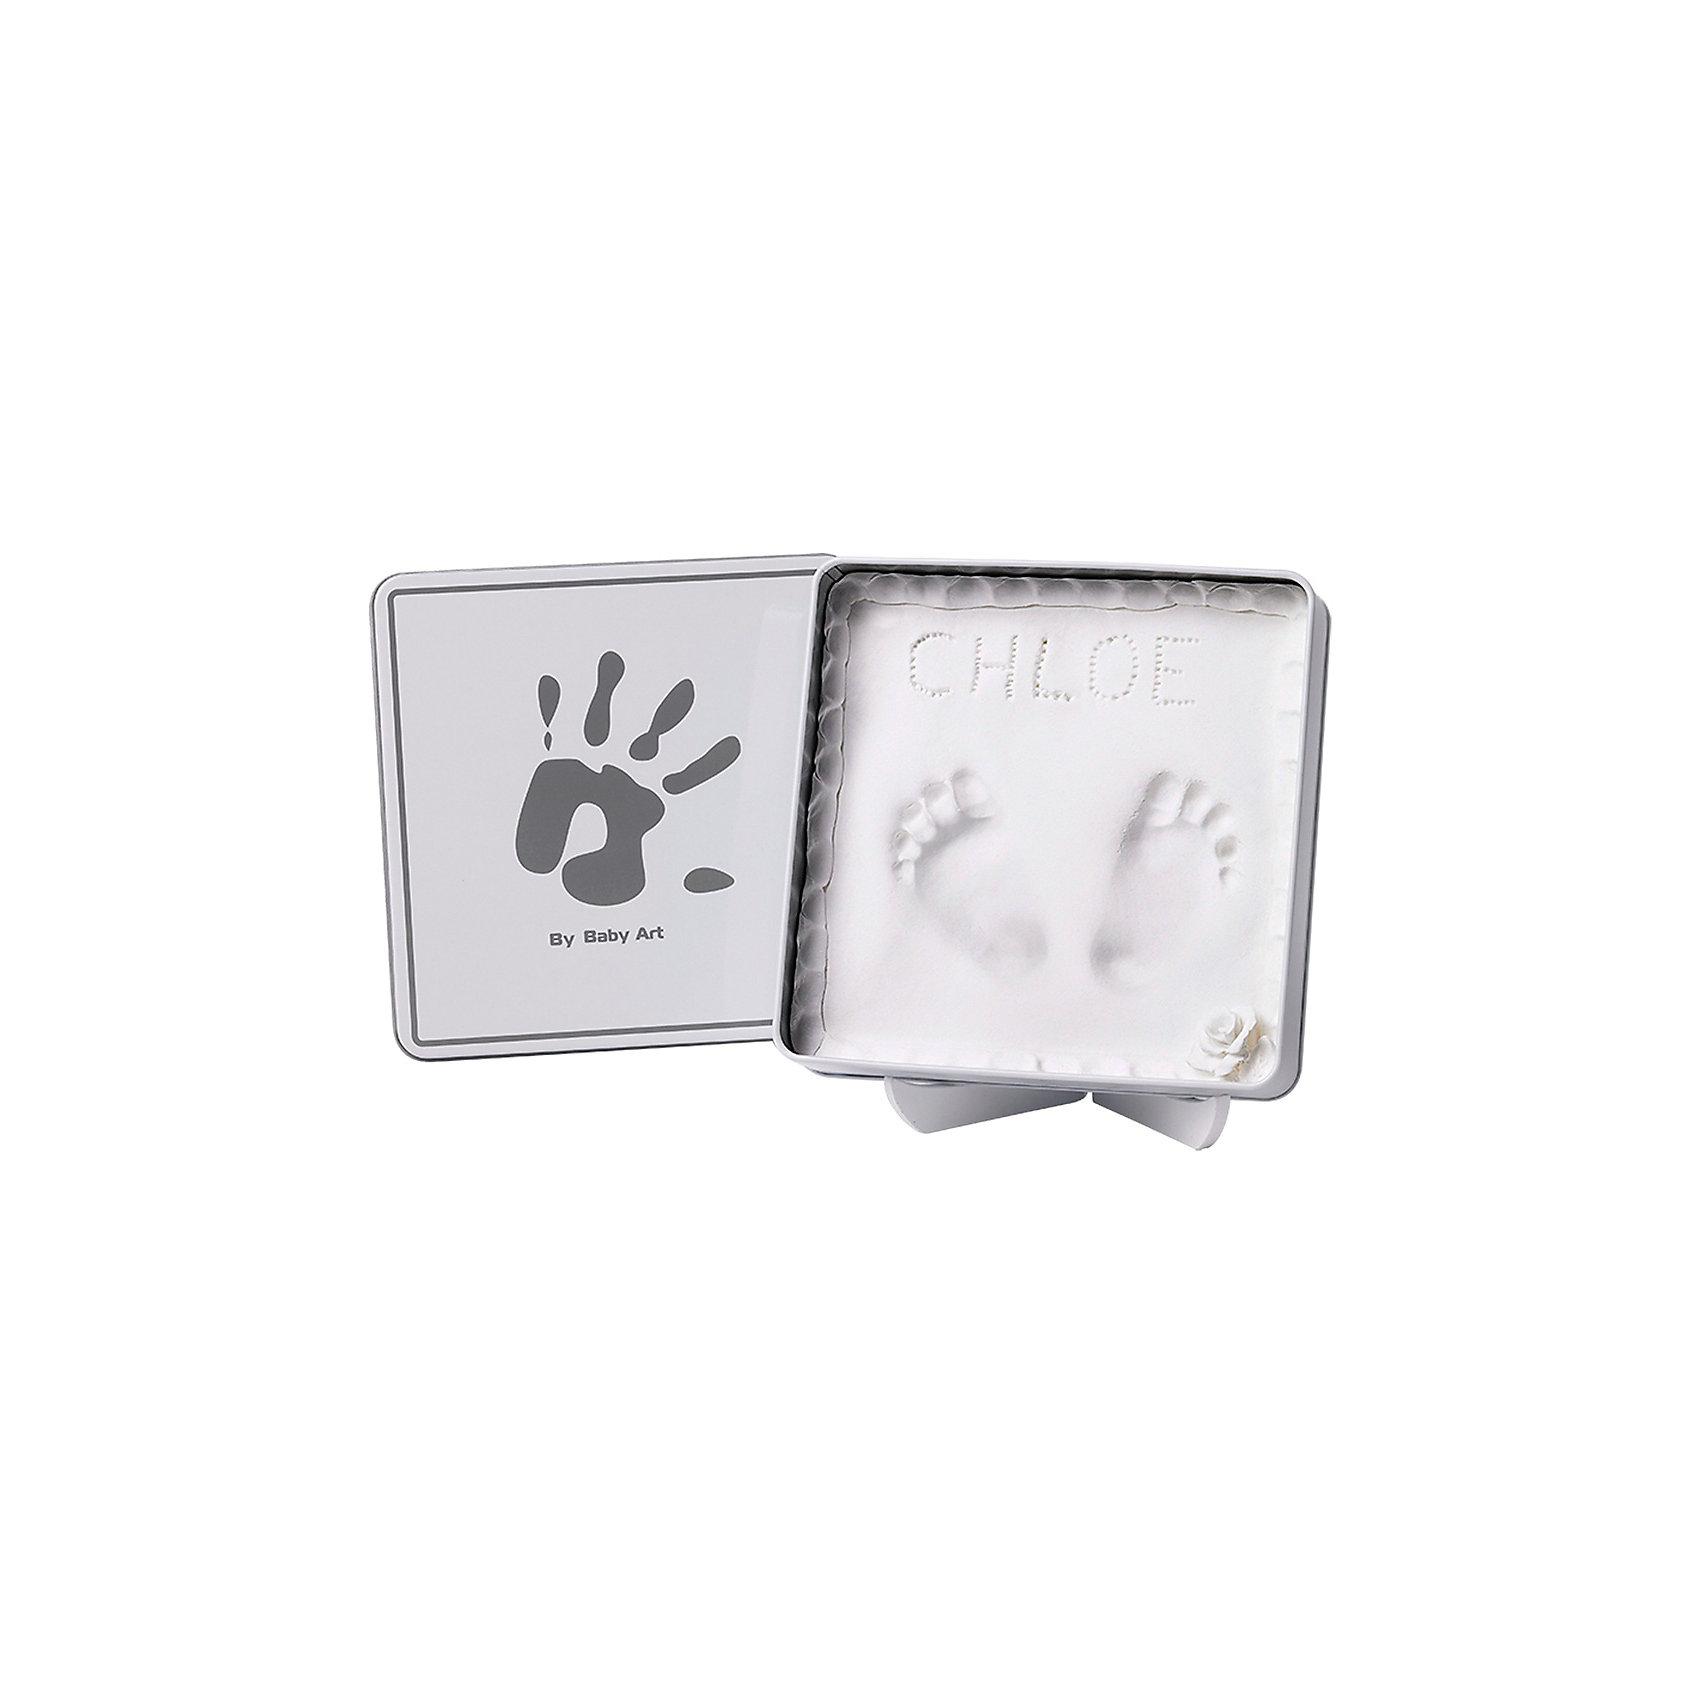 Коробочка с отпечатком Мэджик Бокс, Baby Art, белыйПредметы интерьера<br>Сувенир на память с отпечатком ручки или ножки вашего малыша на долгие годы оставит «след» в вашем семейном архиве. Коробочку с отпечатком Magic box можно установить на специальную подставку, или хранить отпечаток под крышкой. <br>Процесс создания слепка:<br>• материал надо размять руками и раскатать скалкой внутри коробочки;<br>• оставить отпечаток ручки или ножки малыша;<br>• дать гипсу высохнуть, не накрывая крышкой;<br>• установить коробочку со слепком на подставку.<br><br>Дополнительная информация:<br><br>Размер коробочки Baby Art: 17х17 см<br>Комплектация набора:<br>• жестяная коробочка с крышкой;<br>• гипсовый слепок;<br>• скалка;<br>• подставка;<br>• инструкция. <br>Коробочку с отпечатком Мэджик Бокс, Baby Art, белую можно купить в нашем интернет-магазине.<br><br>Ширина мм: 181<br>Глубина мм: 182<br>Высота мм: 48<br>Вес г: 383<br>Цвет: серый<br>Возраст от месяцев: 0<br>Возраст до месяцев: 12<br>Пол: Унисекс<br>Возраст: Детский<br>SKU: 3924379